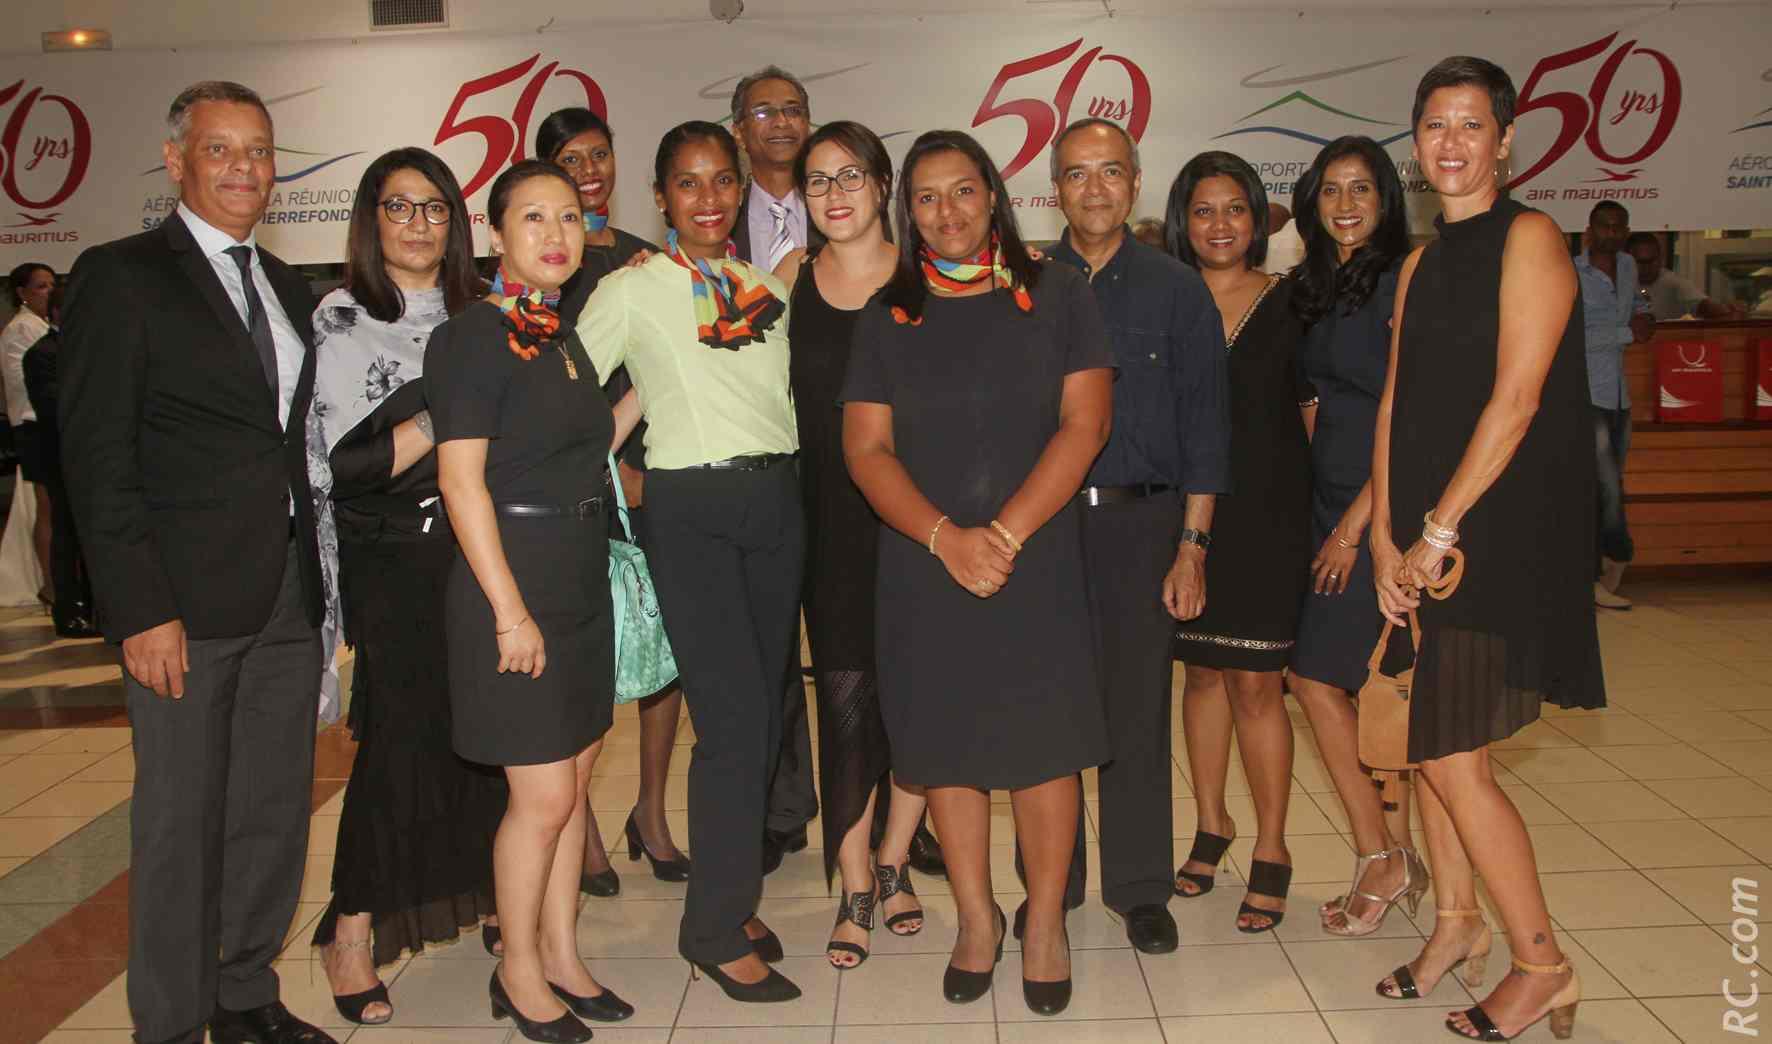 Robert Bourquin, directeur d'Air Mauritius à La Réunion et le personnel de la compagnie